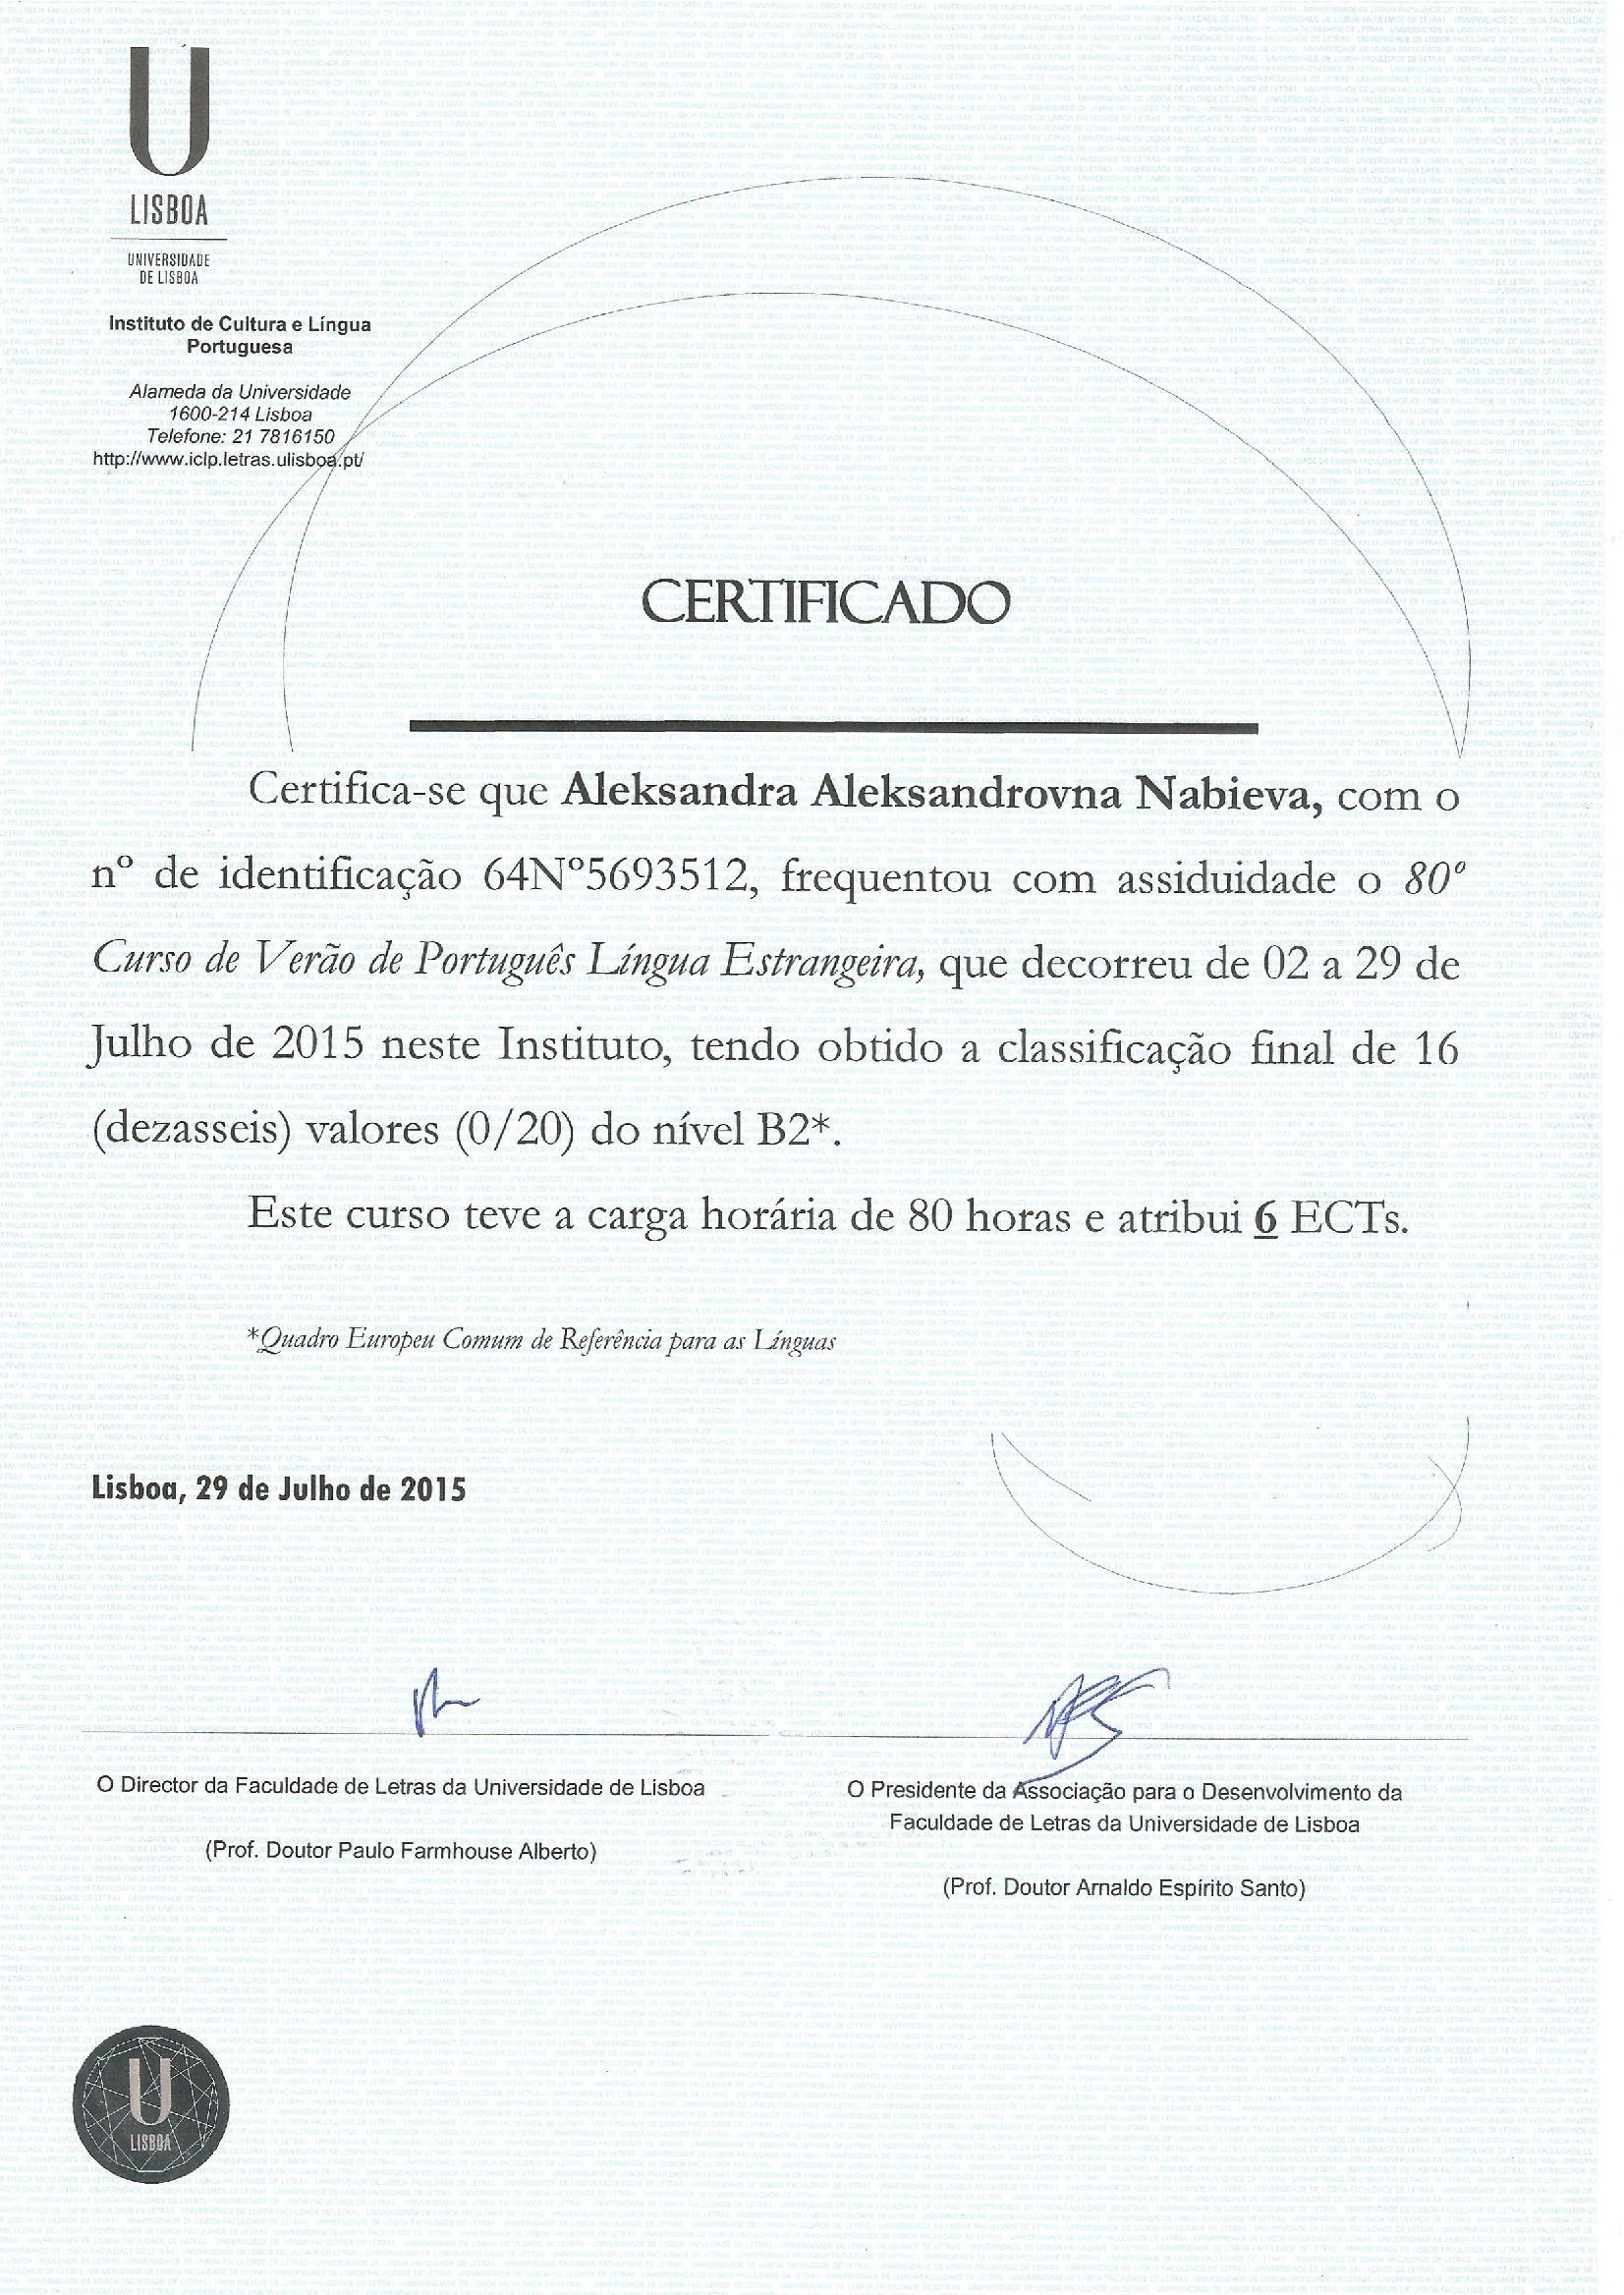 Сертификат обучения в Лиссабоне